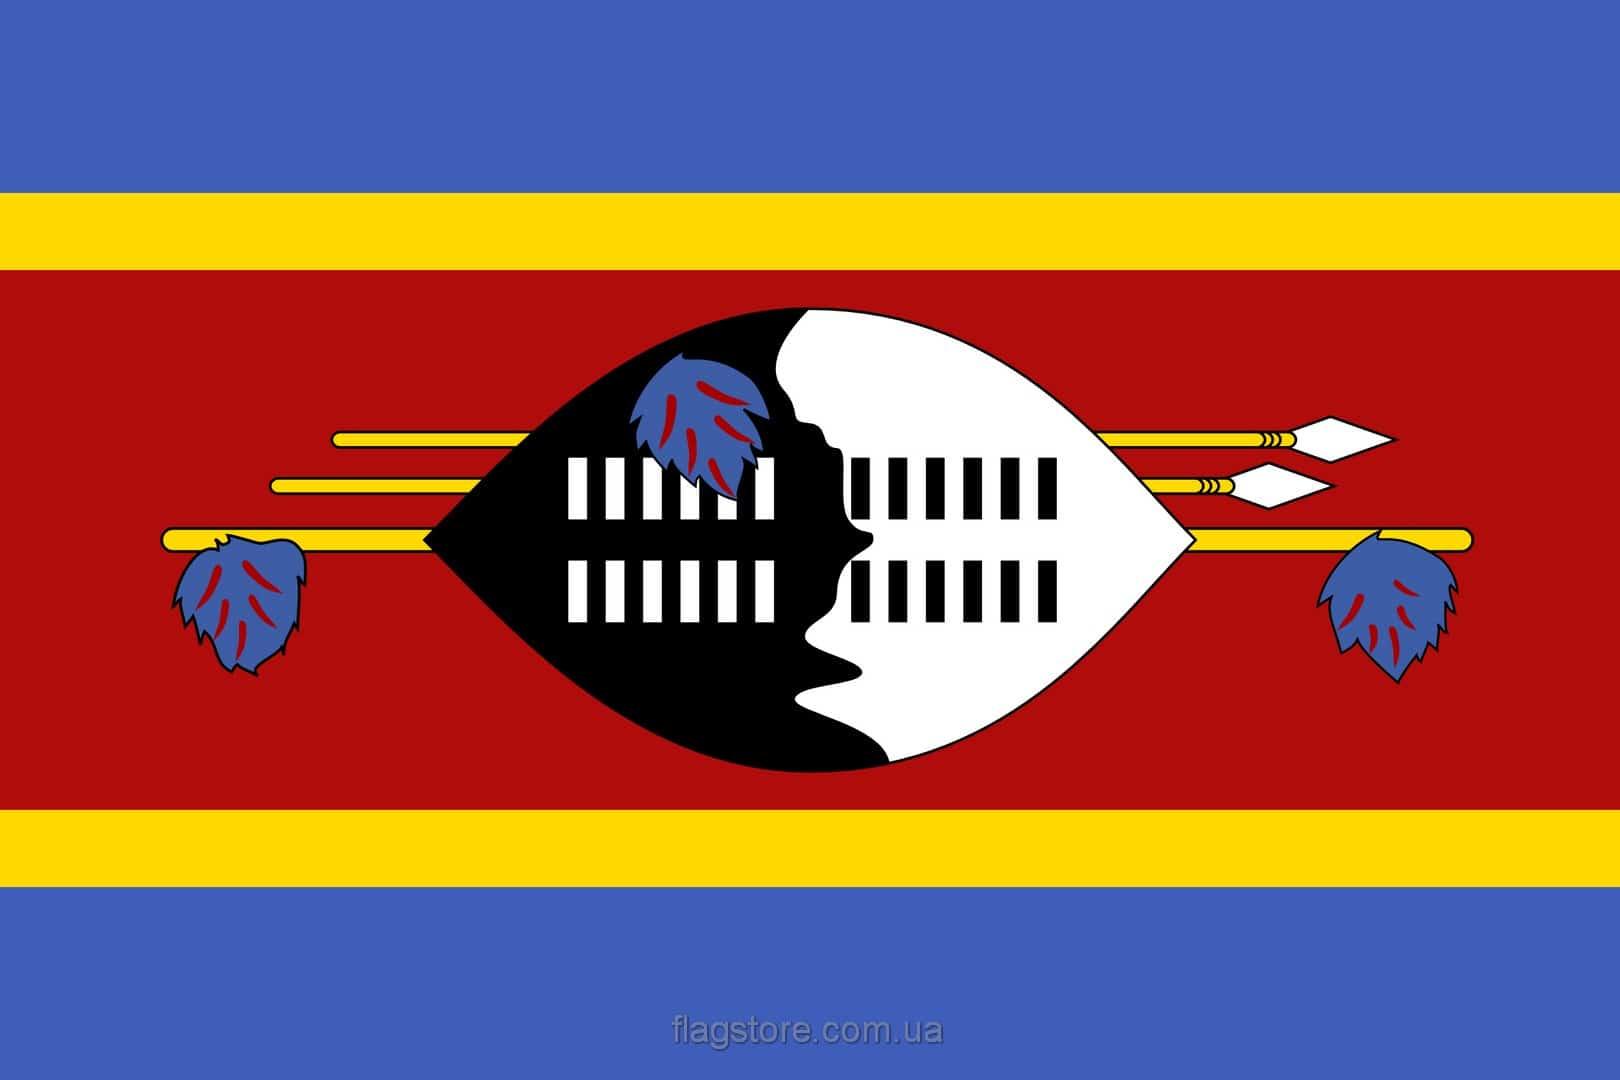 Купить флаг Свазиленда (страны Эсватини)